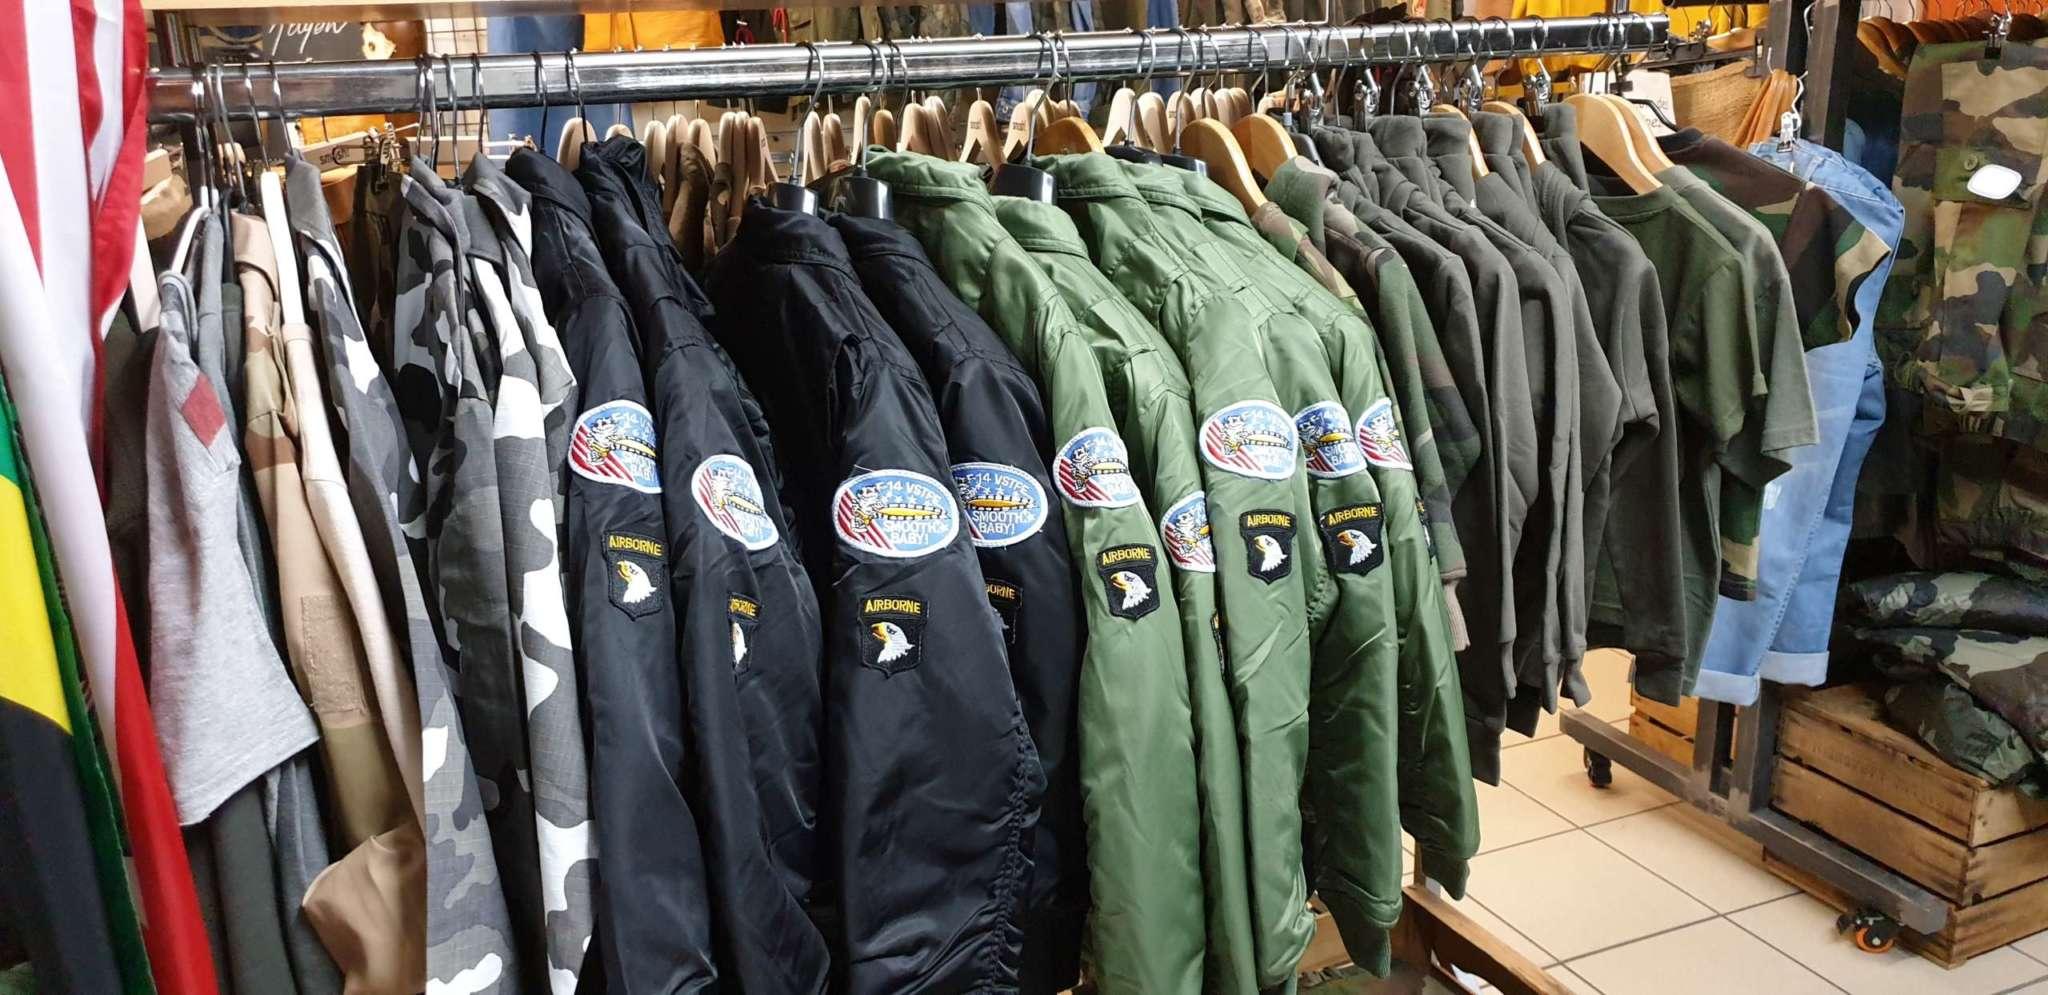 Portant Vestes New Kaki Gap Surplus Militaire Accessoires Vêtements Militaires Hautes Alpes Gap